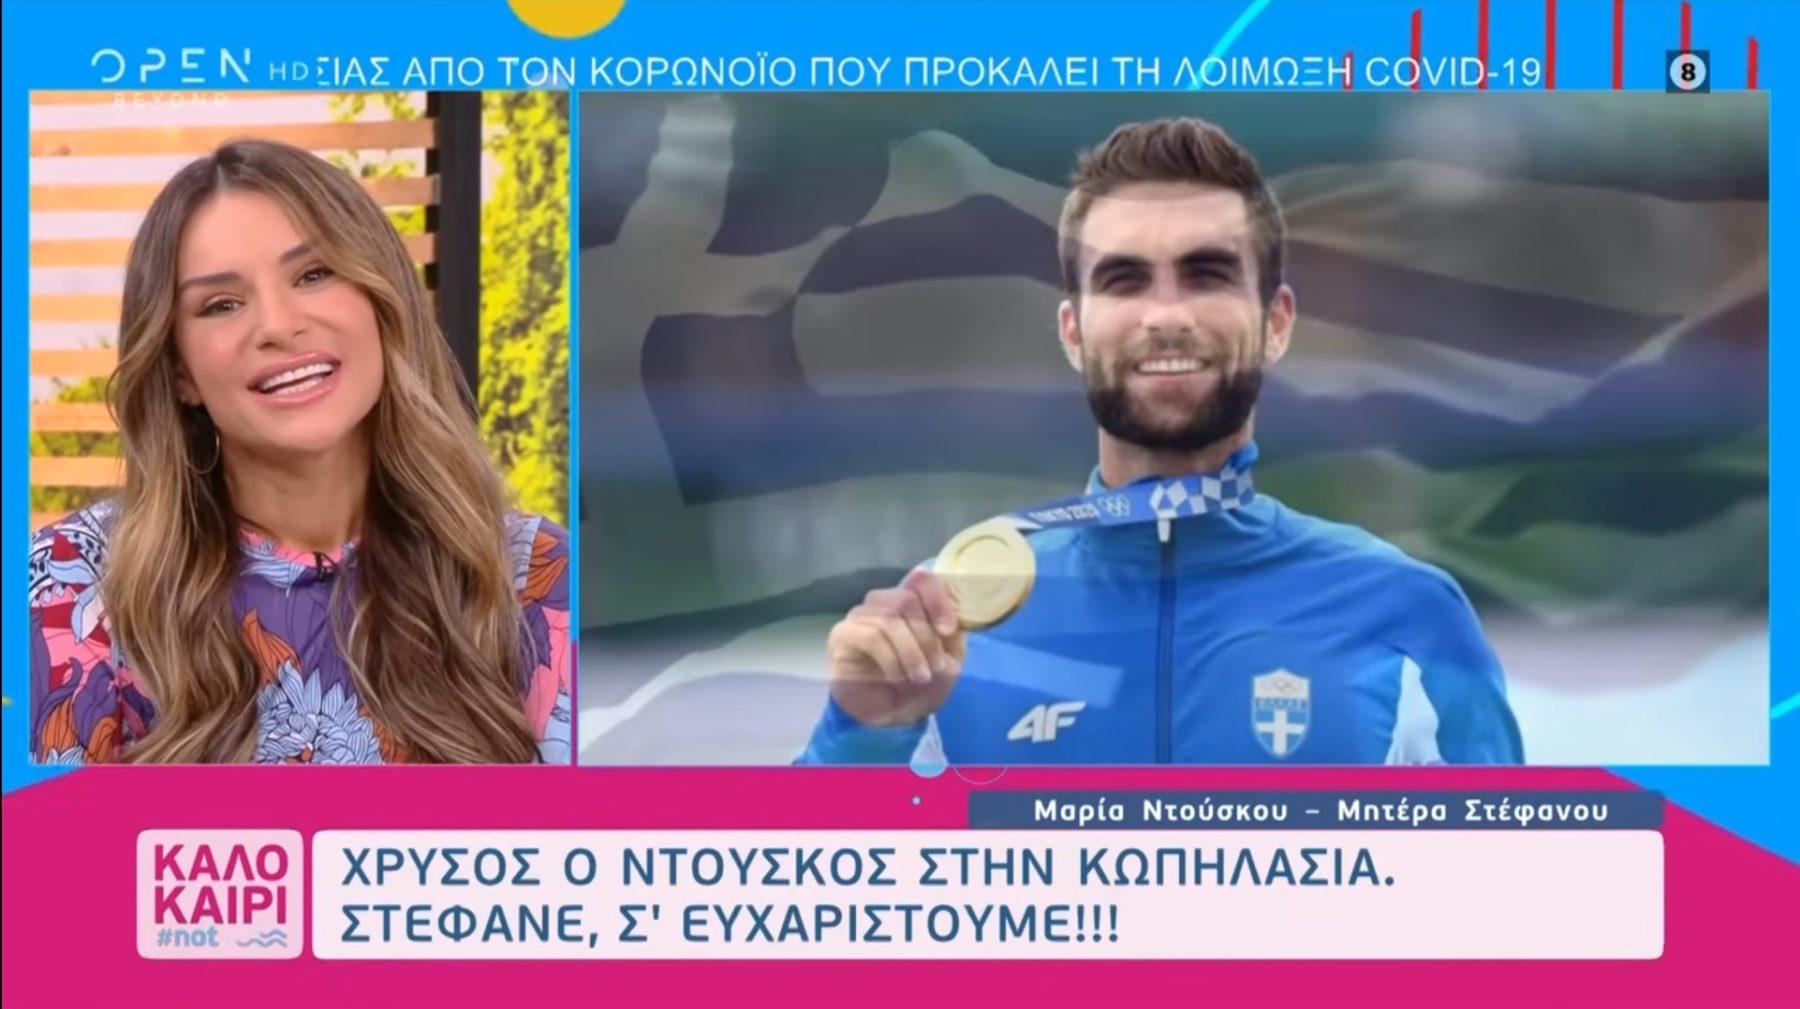 """Συγκινημένη η μητέρα του Στέφανου Ντούσκου για το χρυσό ολυμπιακό μετάλλιο: """"Πετάμε στα σύννεφα"""""""